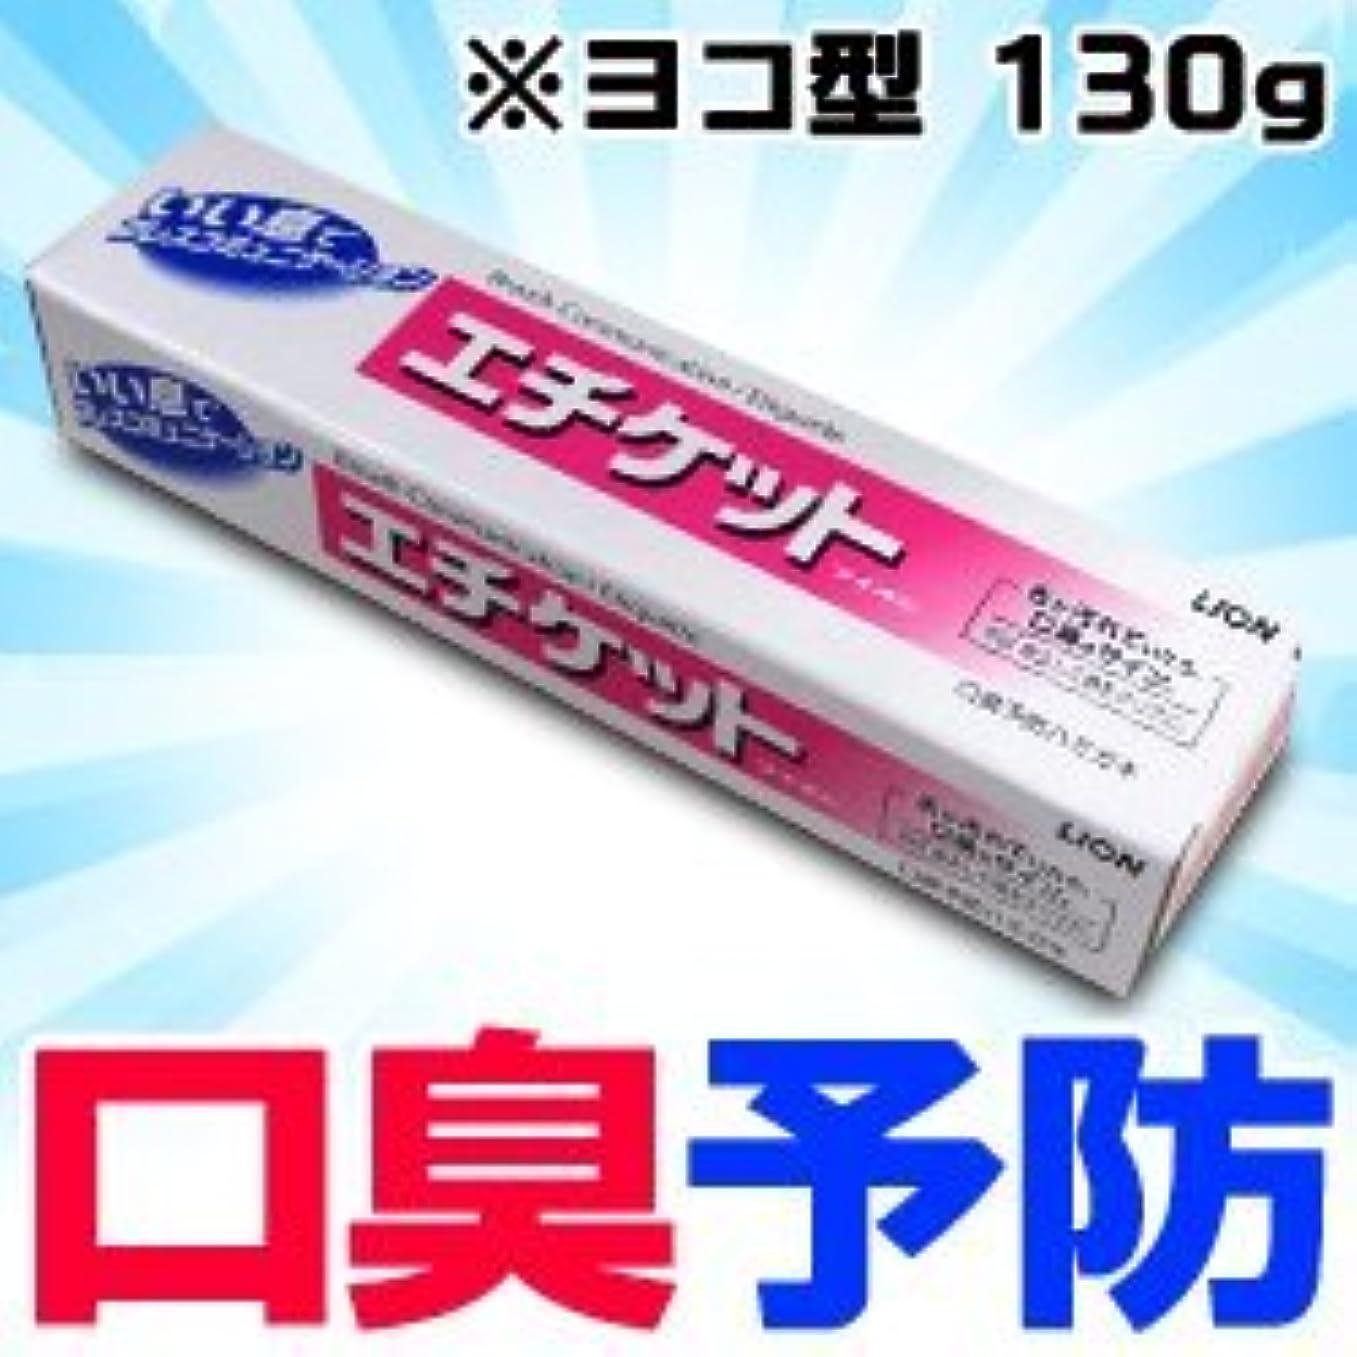 経験春チャンピオン【ライオン】口臭予防ハミガキ「エチケットライオン」 130g ×10個セット